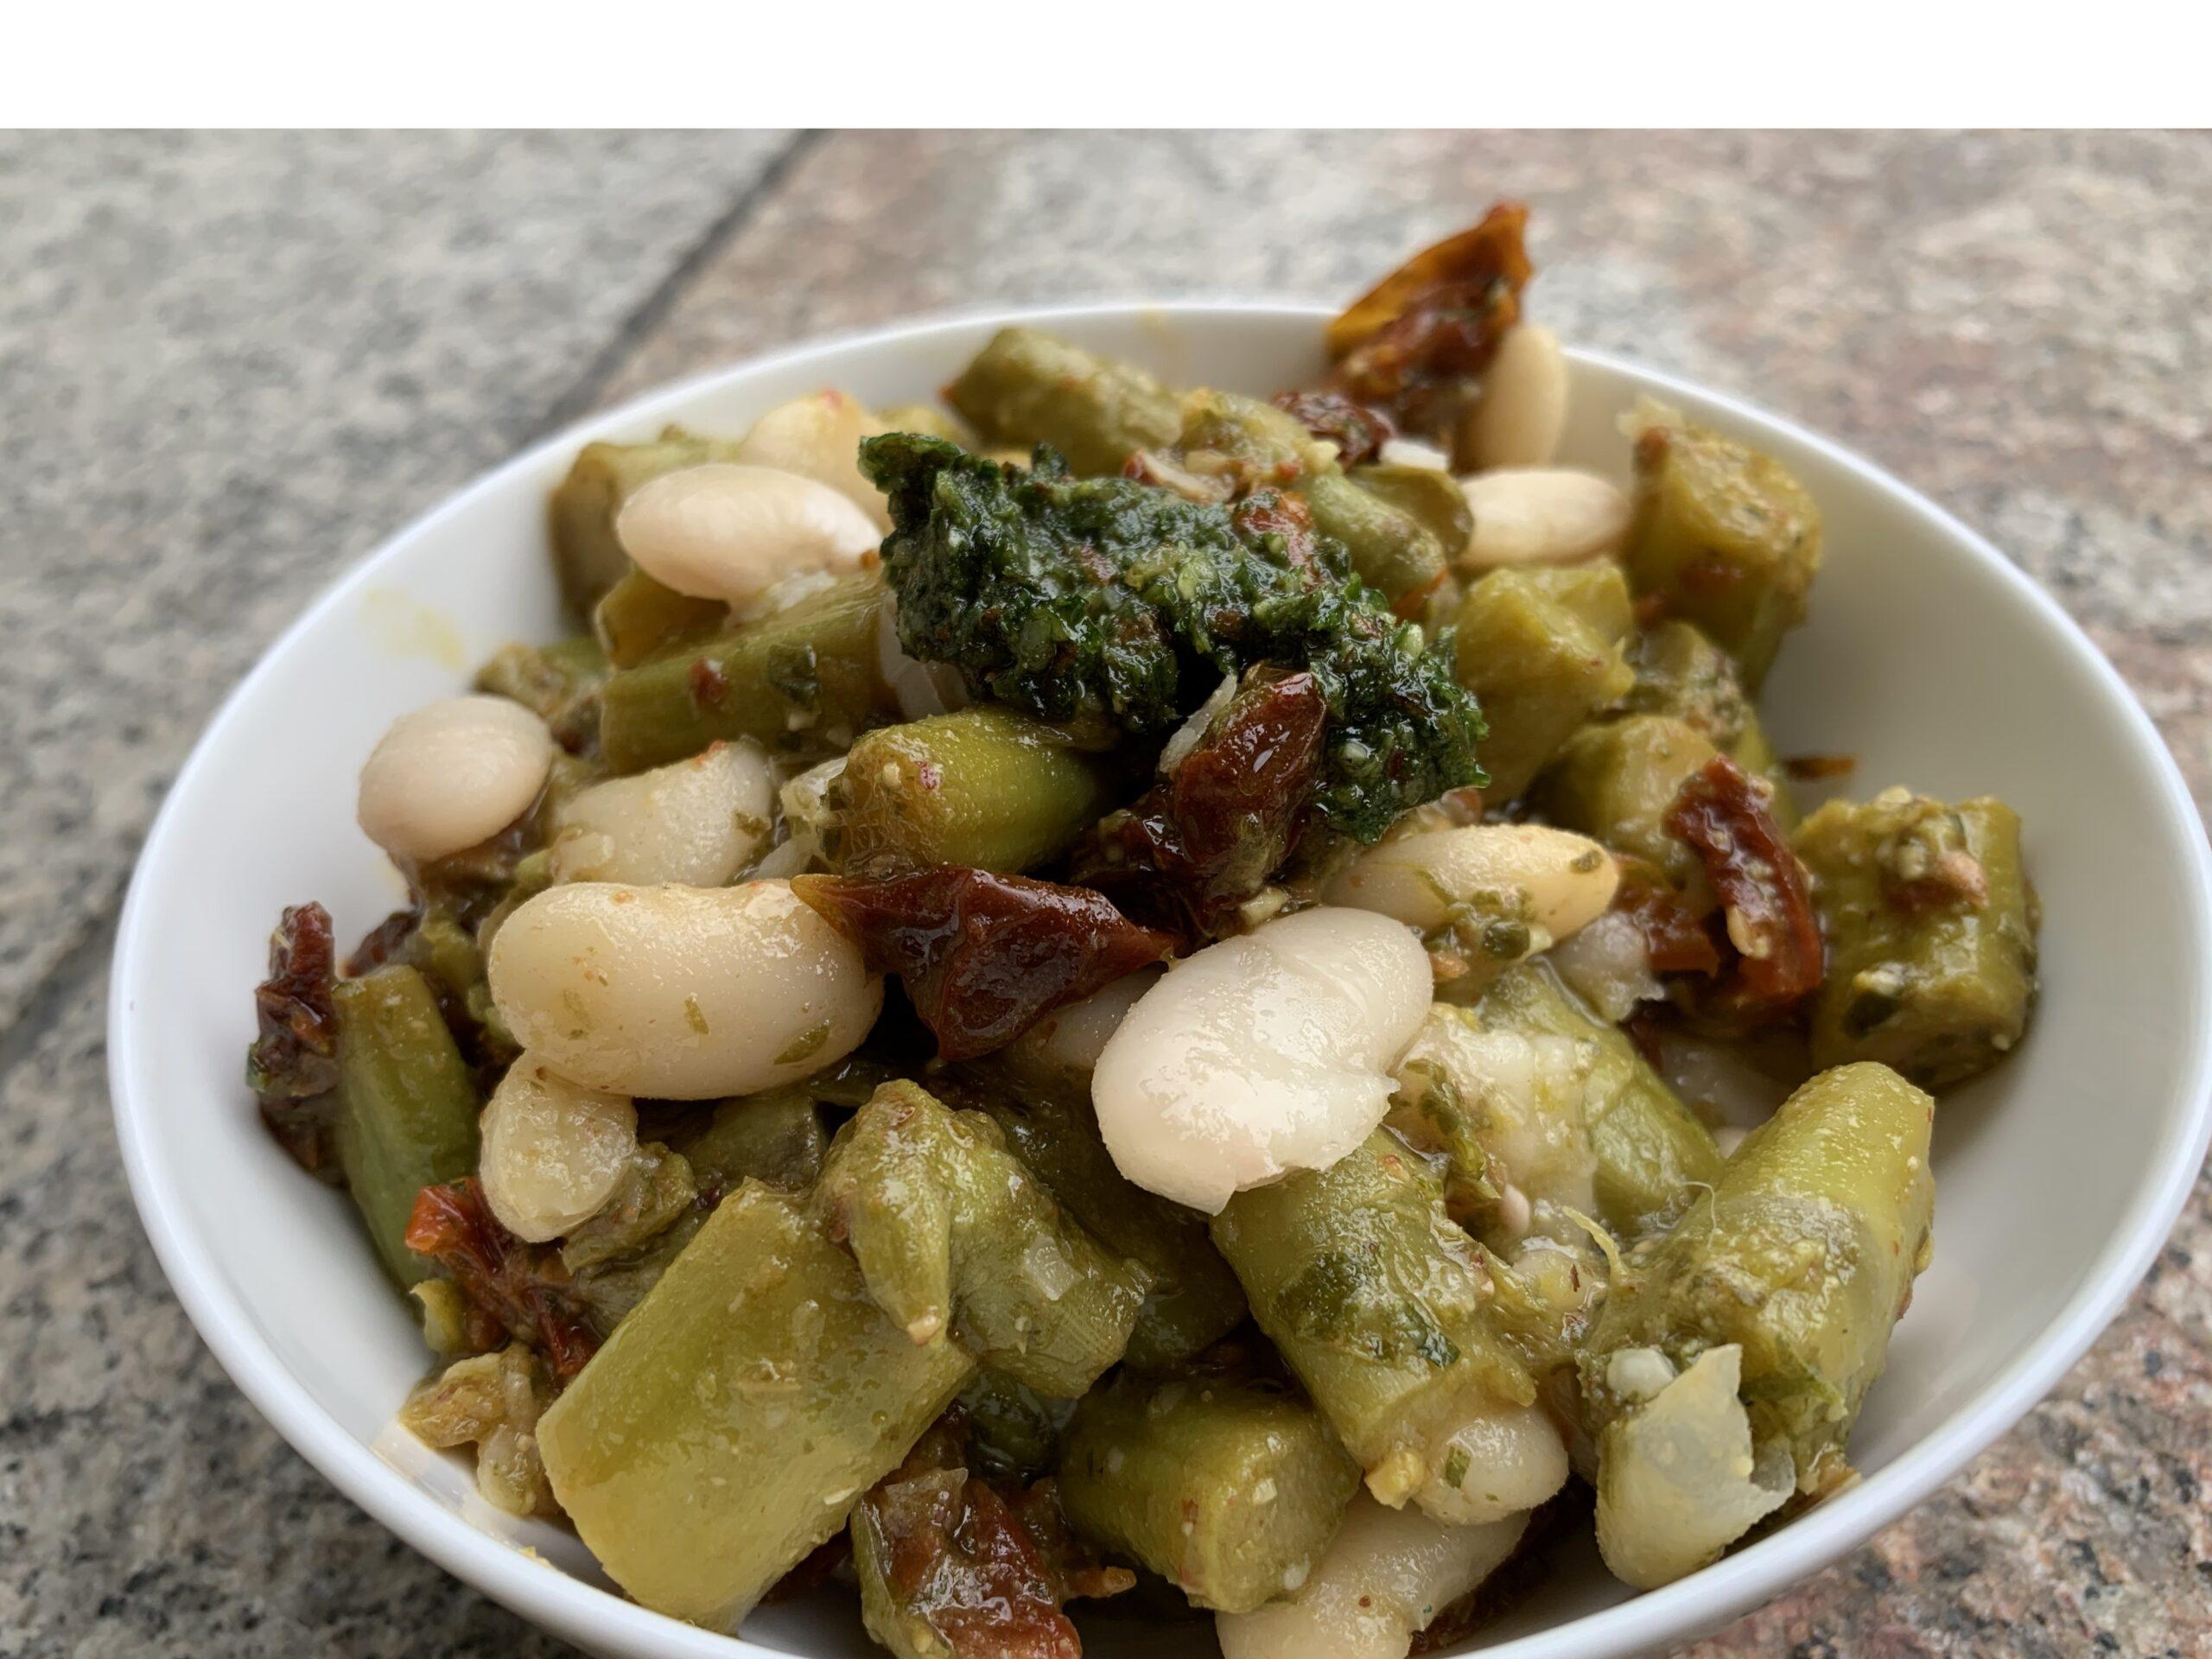 Spargel weiße Bohnen Salat Gesundheitsexpertin Annett Hansen